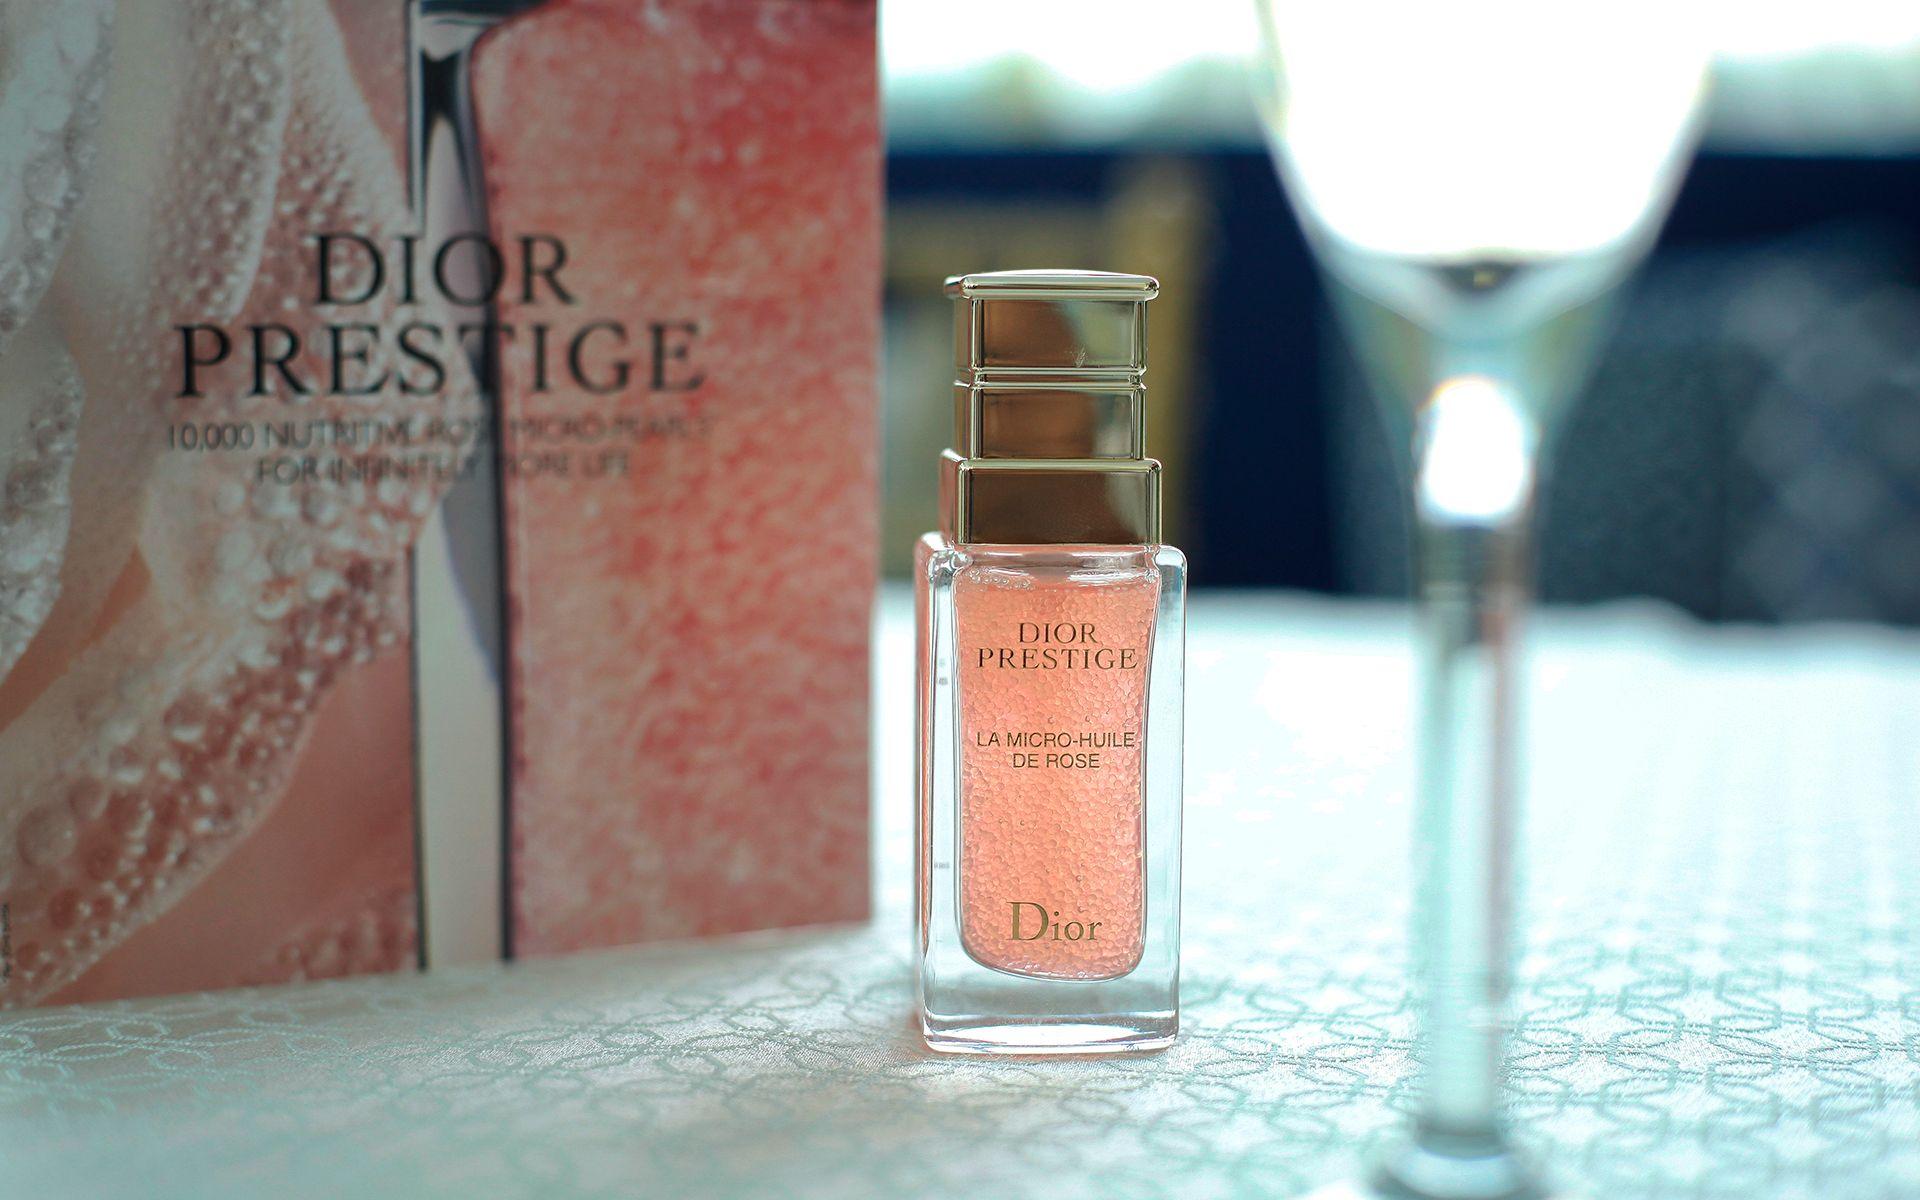 Dior Prestige La Micro-Huile de Rose